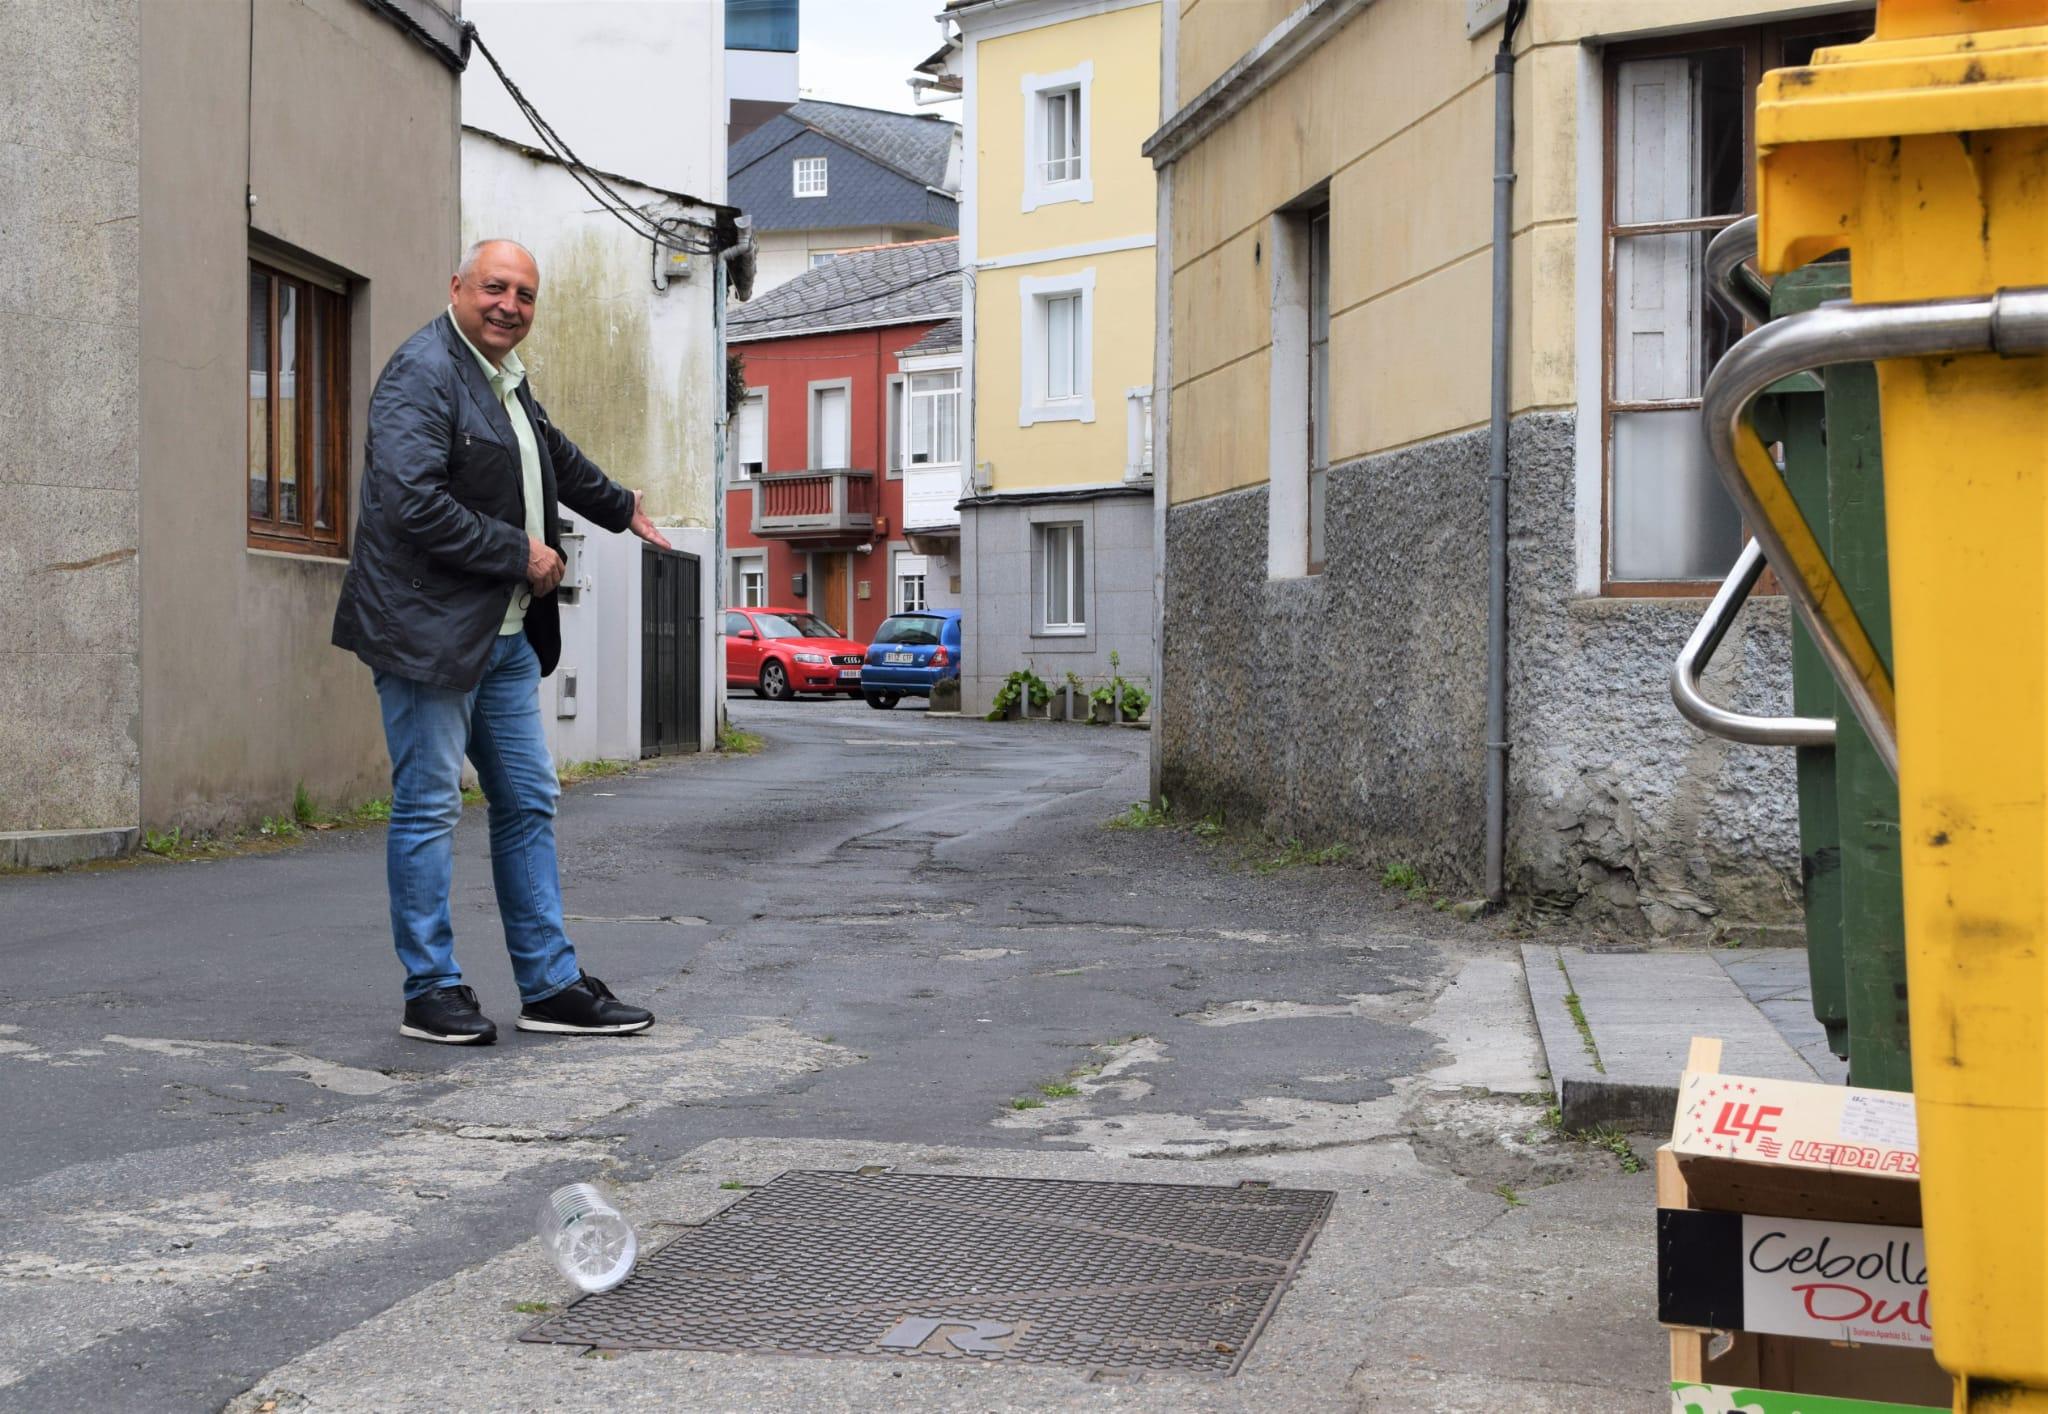 O PP de Viveiro pide ao Concello melloras no Barrio do Conexo, especialmente no acceso dende a Rúa Suasbarras